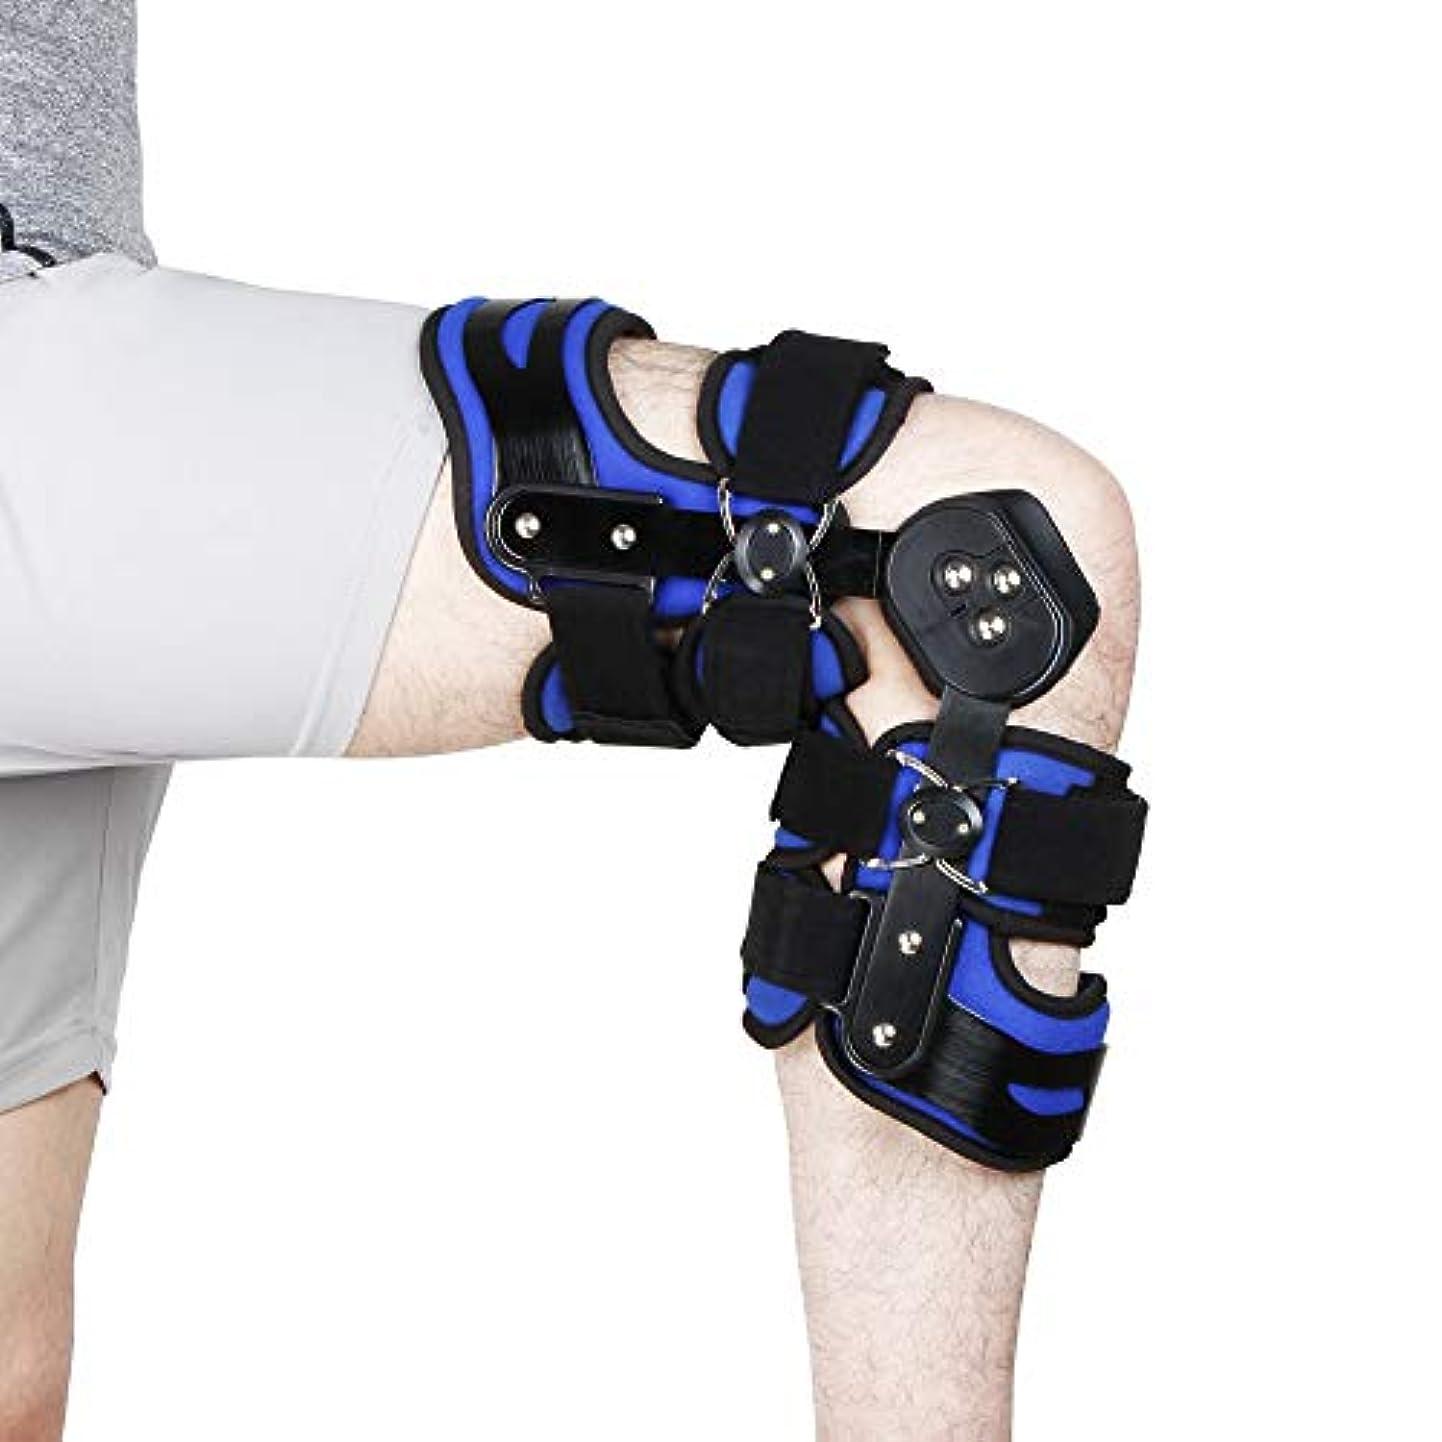 発生器より動作REAQER 膝サポーター 医療ヒンジ付き膝ROM膝ブレース 角度調節可能な多関節サポート、靭帯裂傷、関節炎 十字靭帯 半月板 損傷 回復